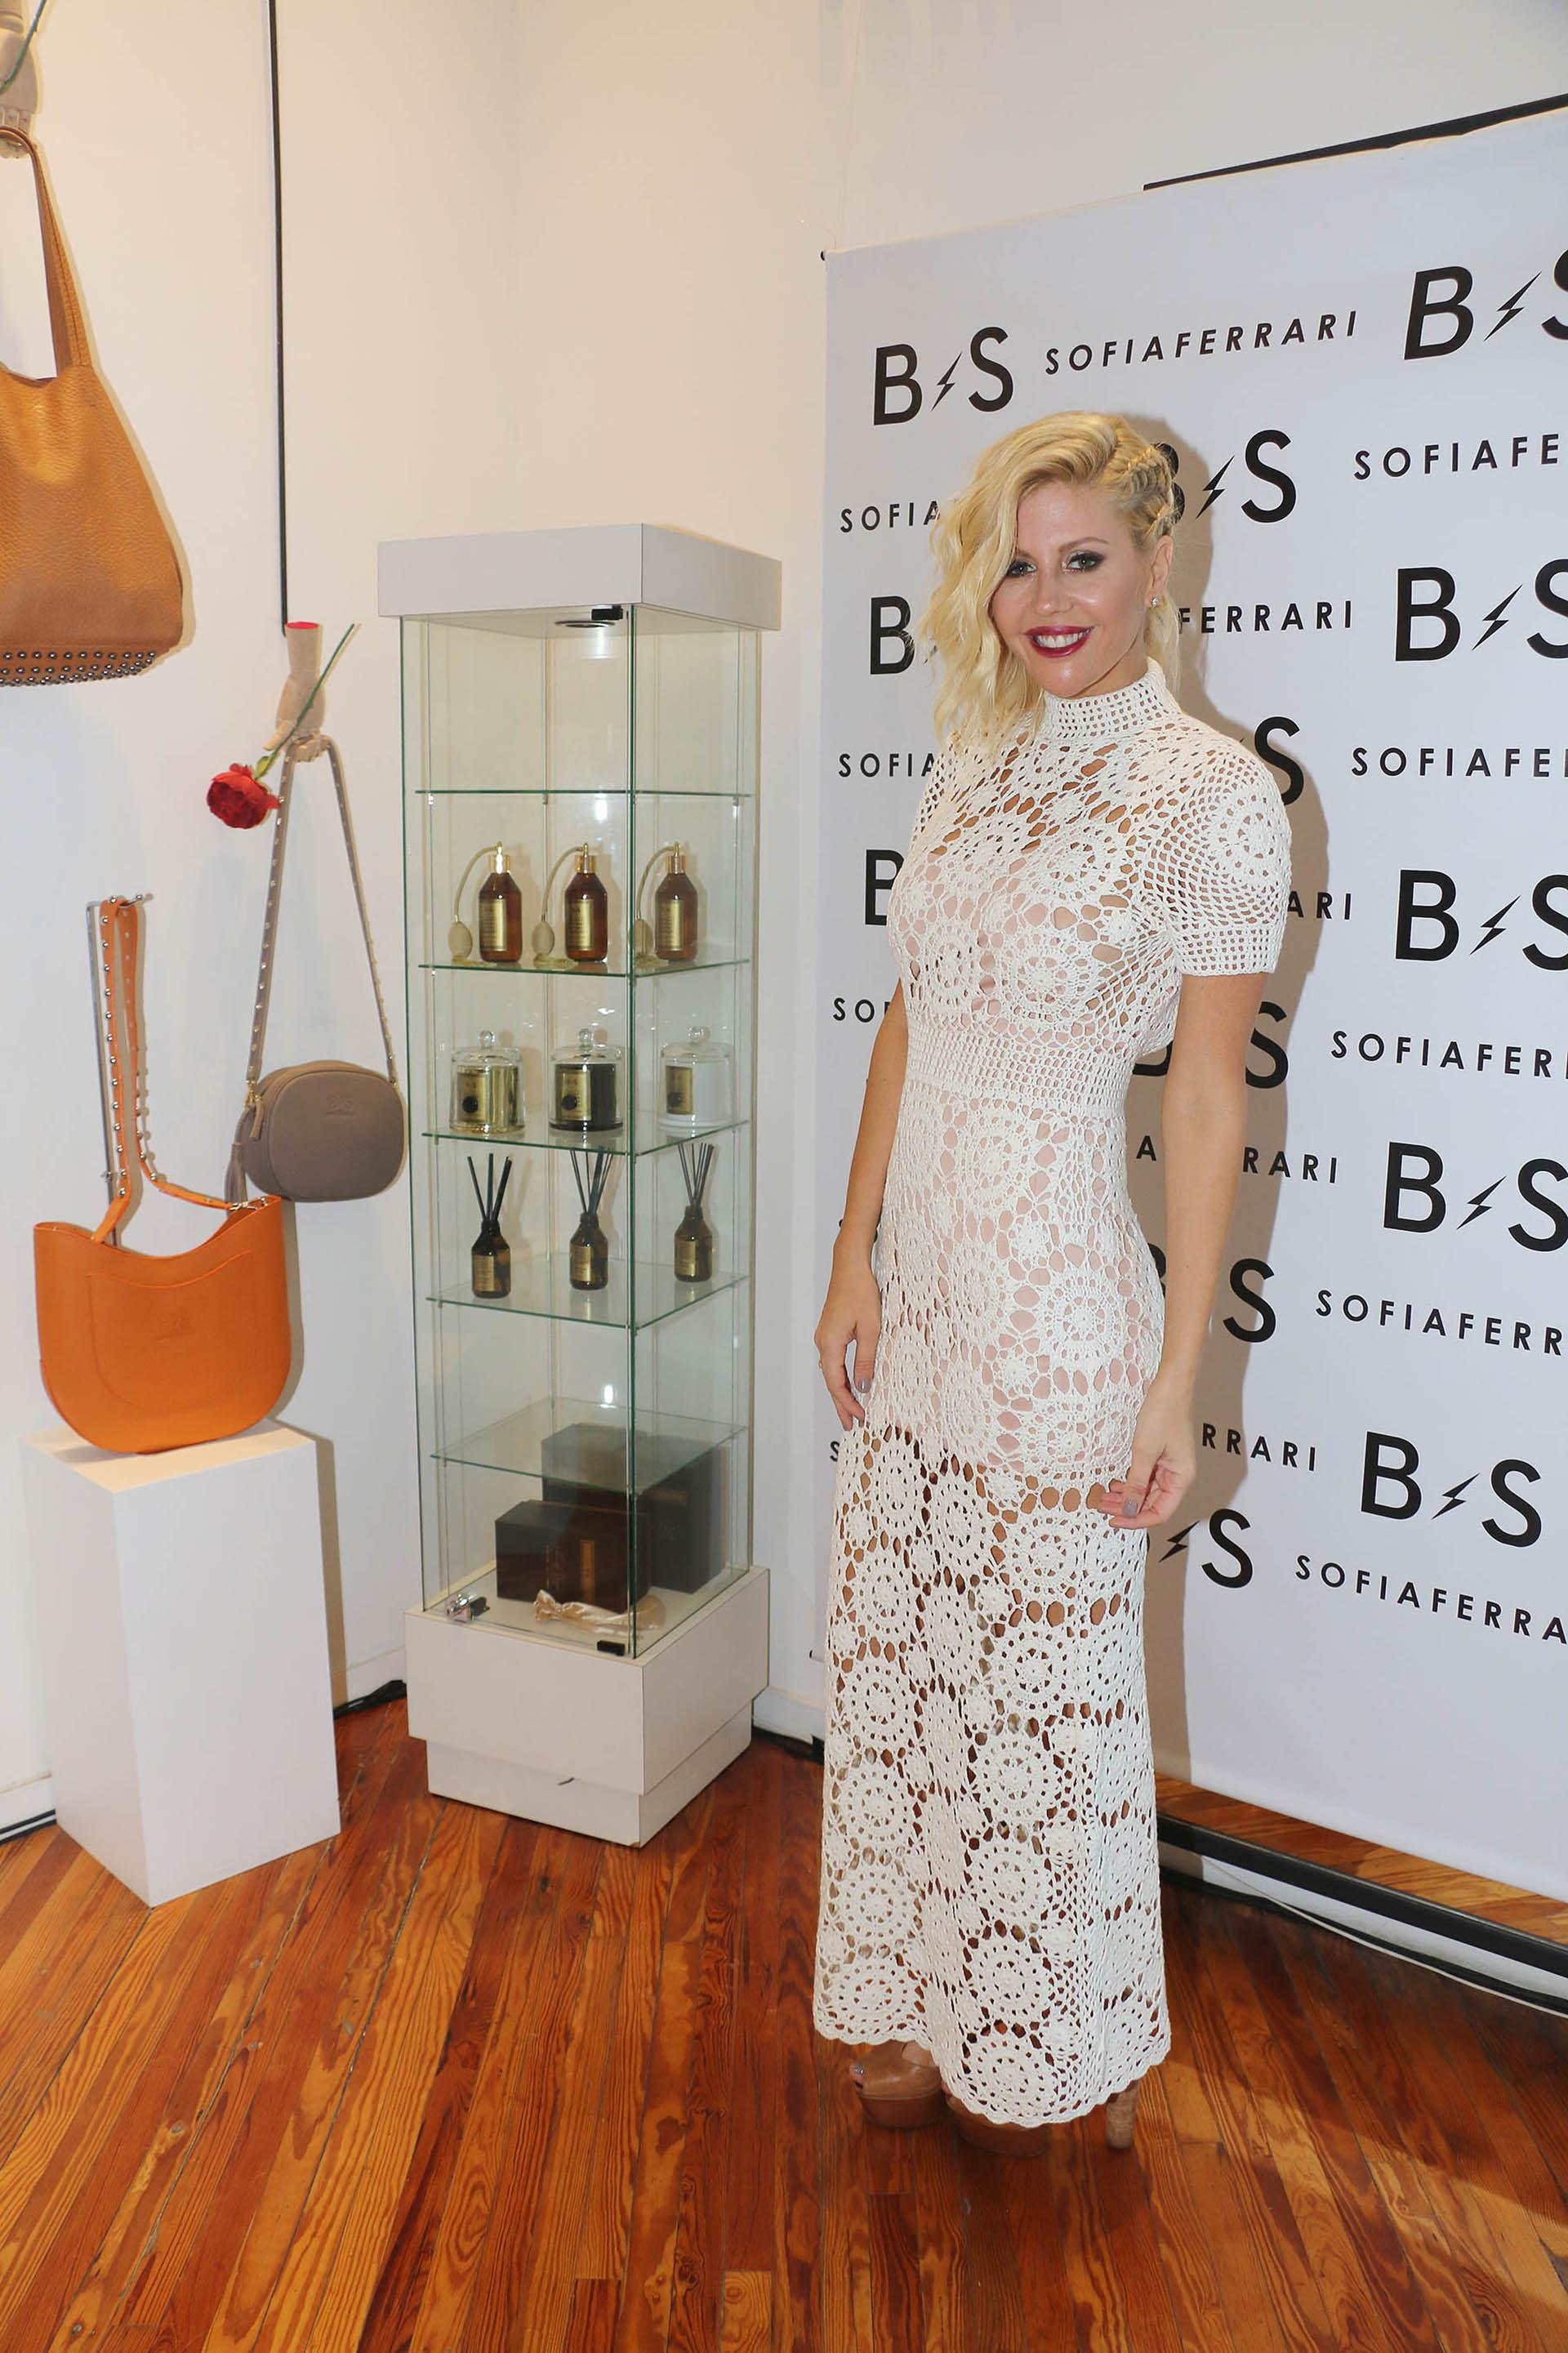 Barbie Simons lanzó su marca de carteras y camperas junto con su socia Sofía Ferrari. El local está ubicado en Gorriti y Armenia